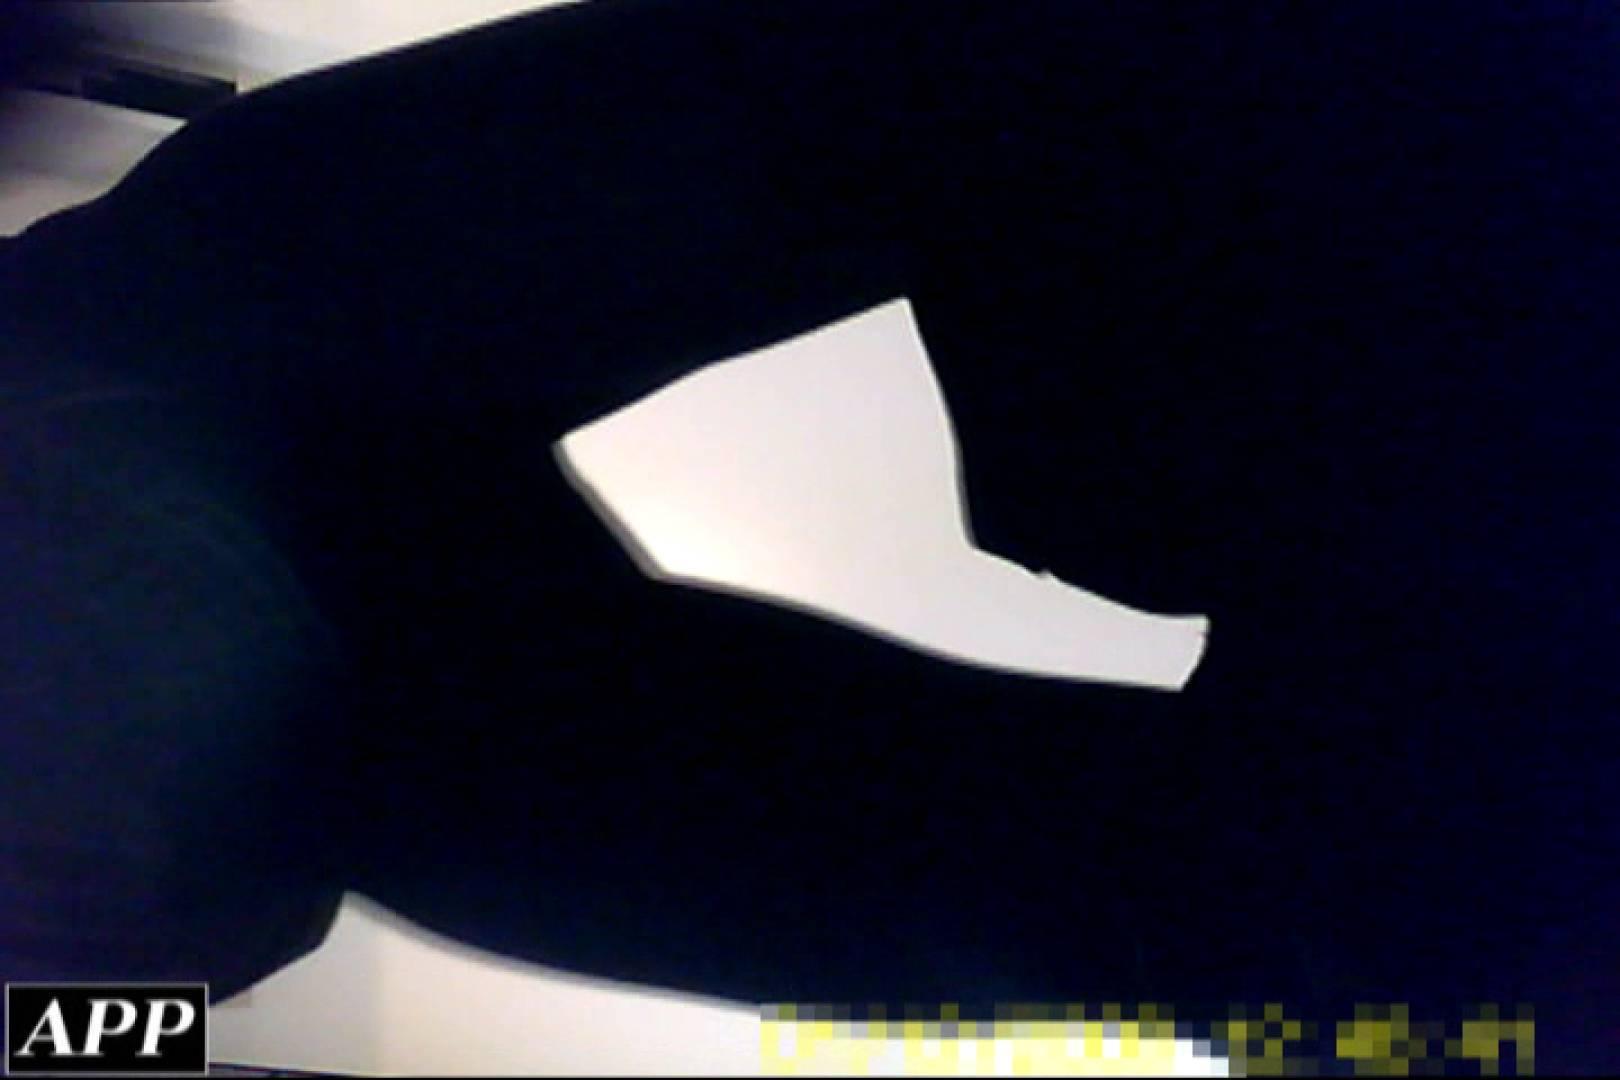 3視点洗面所 vol.61 リアル・マンコ オメコ動画キャプチャ 82pic 22